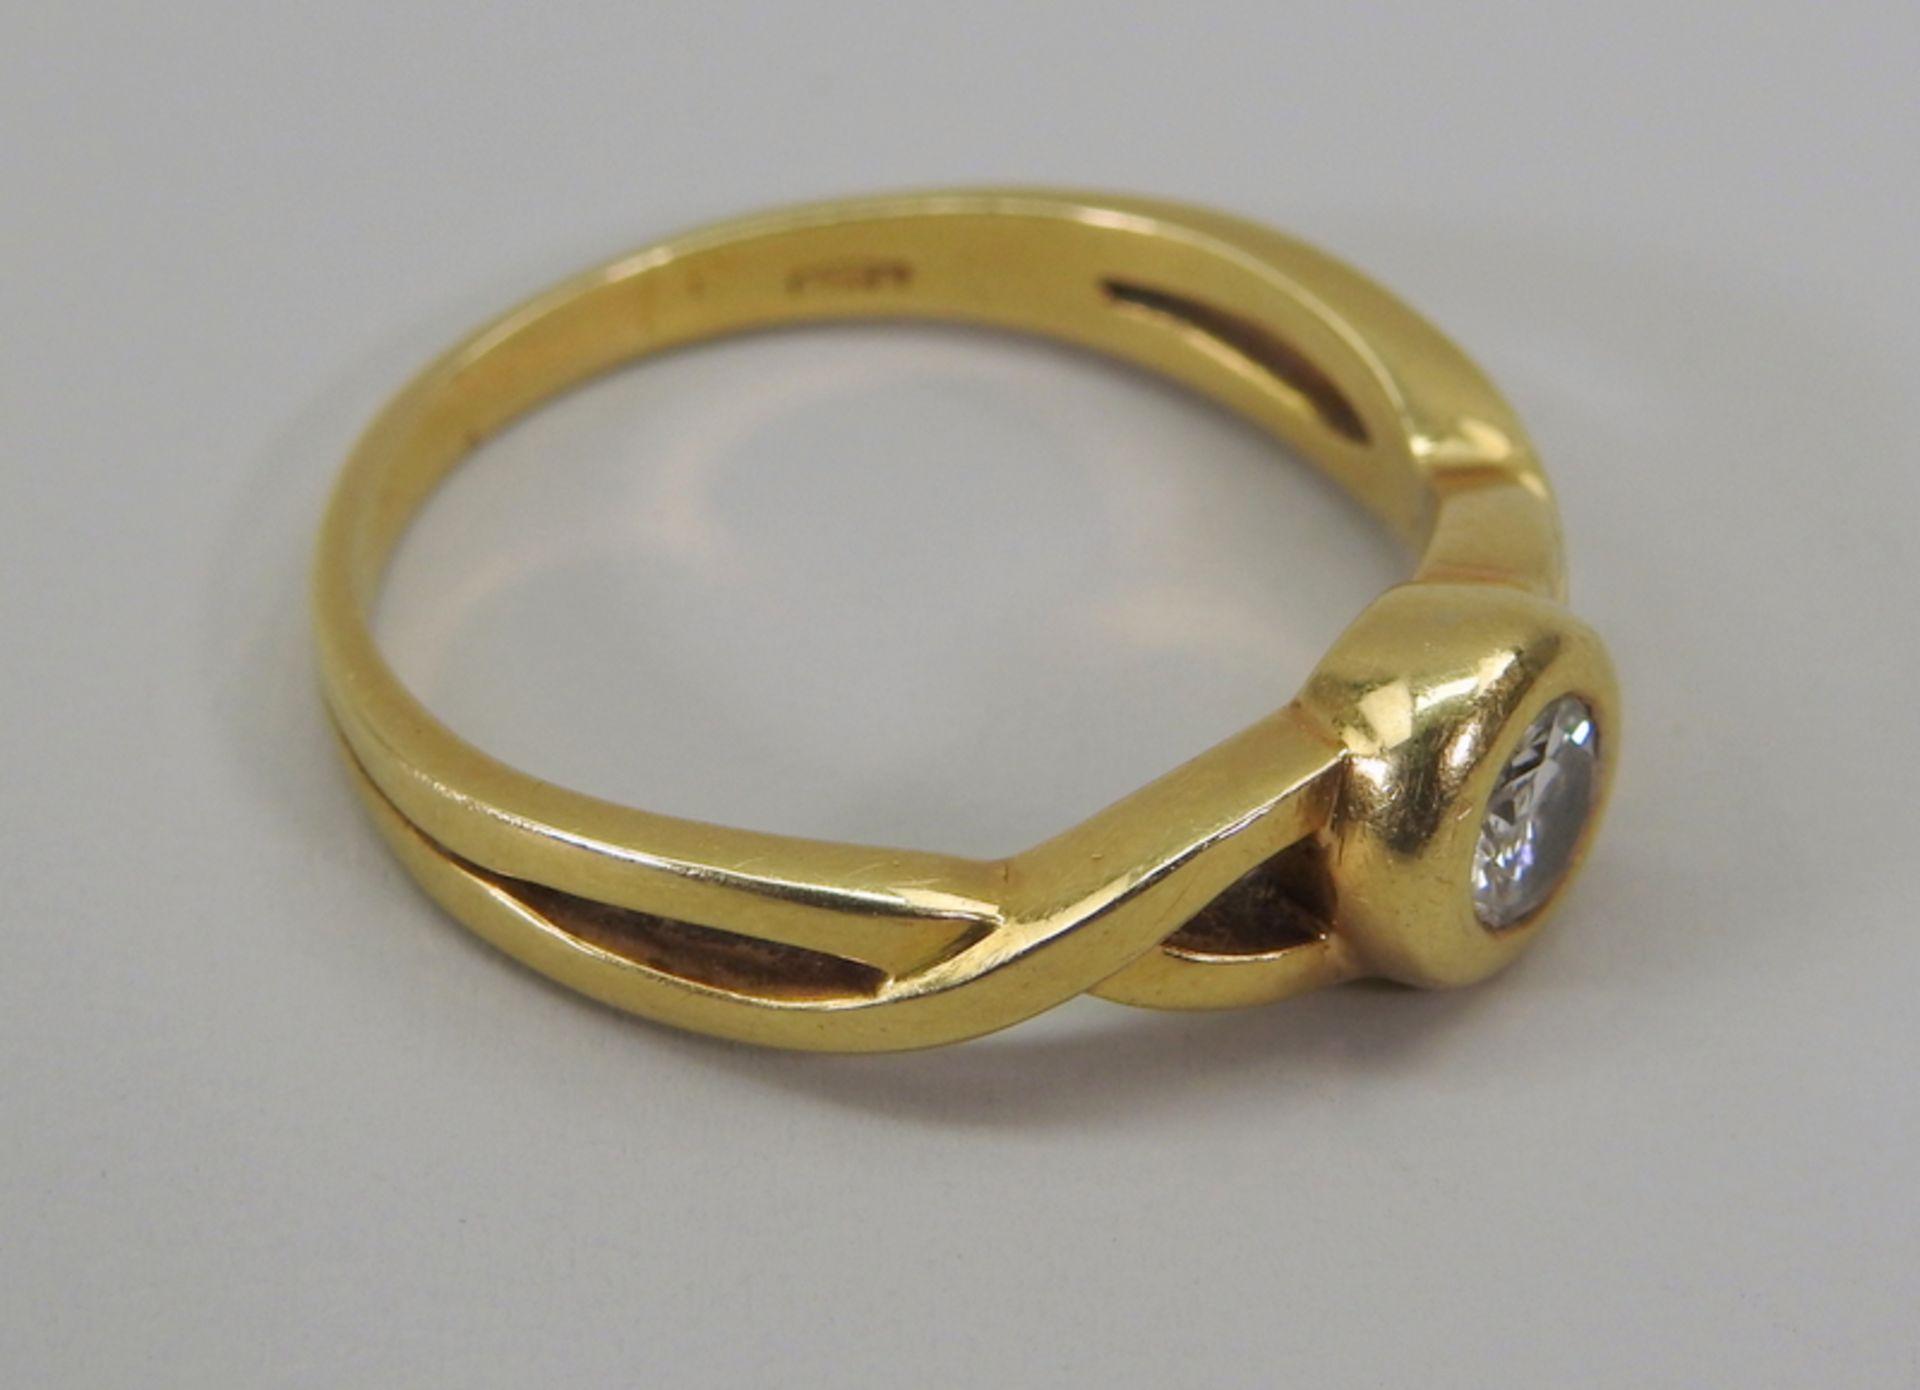 Schwerer Diamant-Ring18 K. Gelbgold. Herren-Ring mit zentralem Diamant-Besatz von ca. - Image 5 of 6